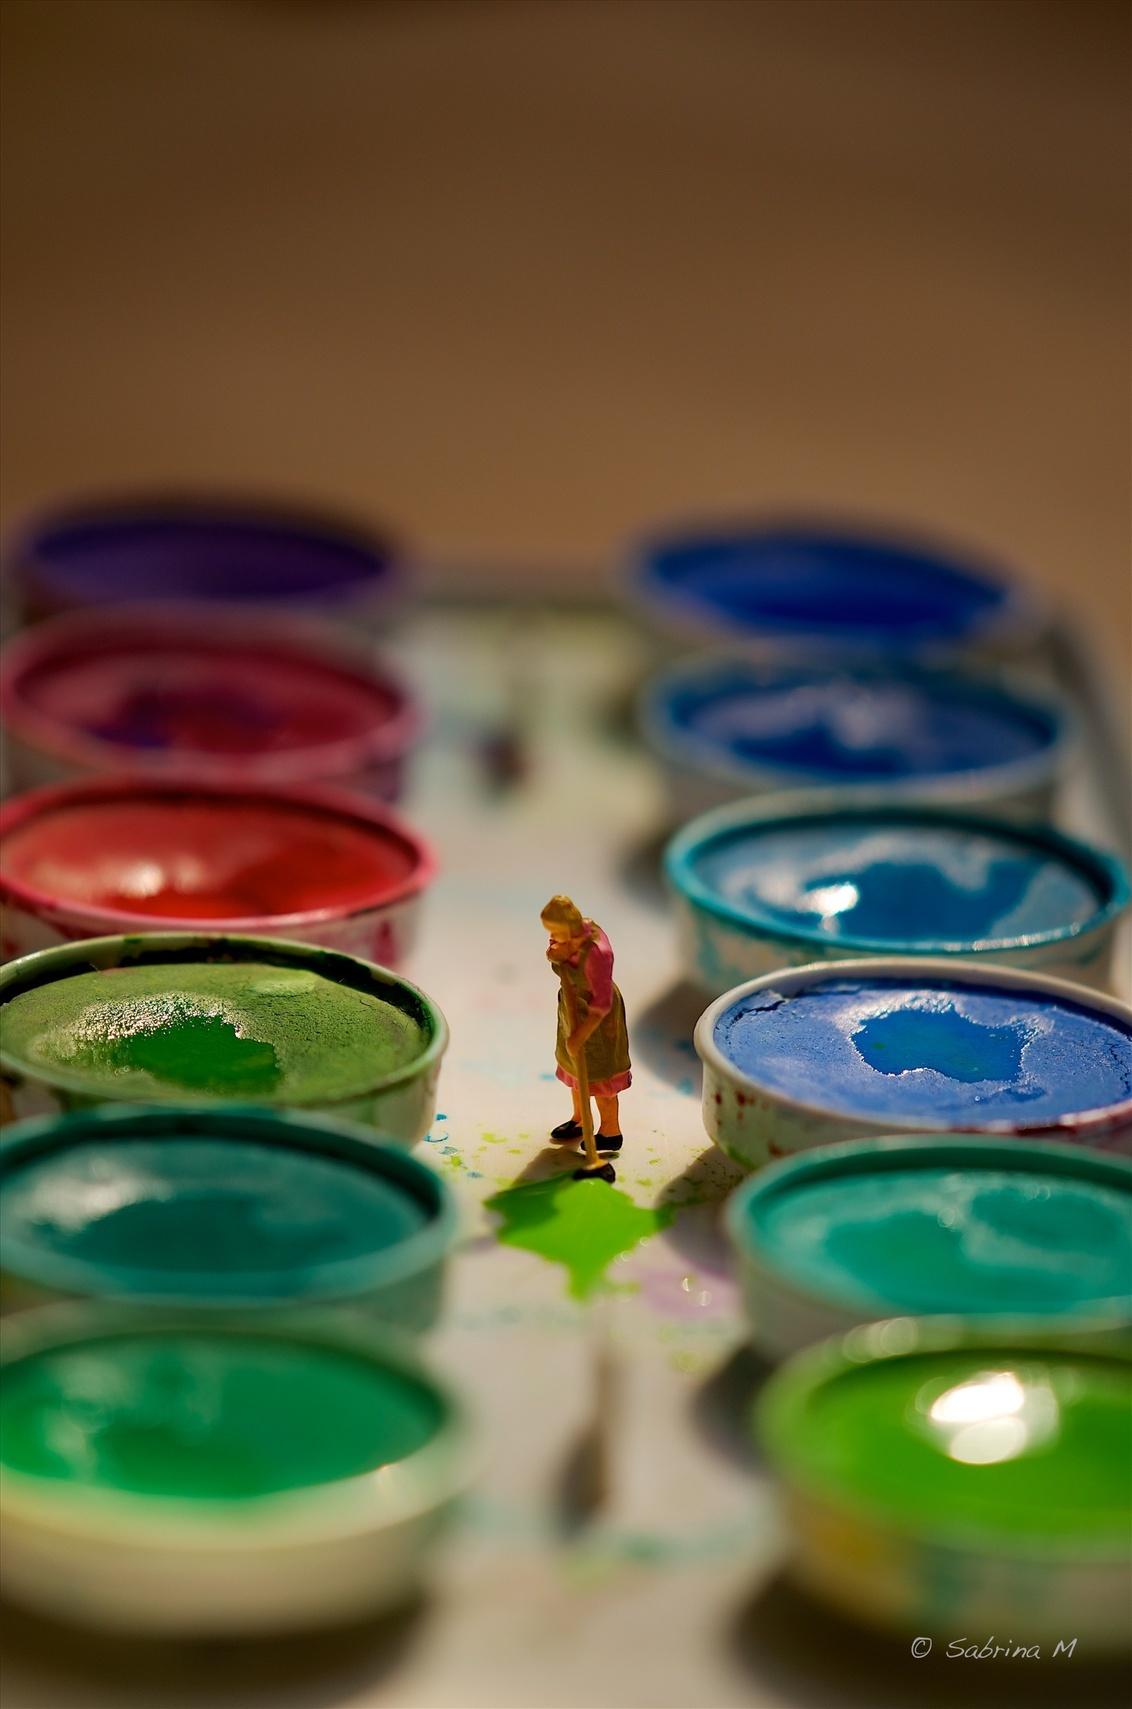 Painted - Het is overal hetzelfde of je nu woont in een grote of kleine wereld. Kinderen maken de rommel en mama moet het opkuisen. - foto door sabbe op 15-01-2016 - deze foto bevat: miniatuur, mini, figuurtje, Teenyweenies, SabrinaM, peiser